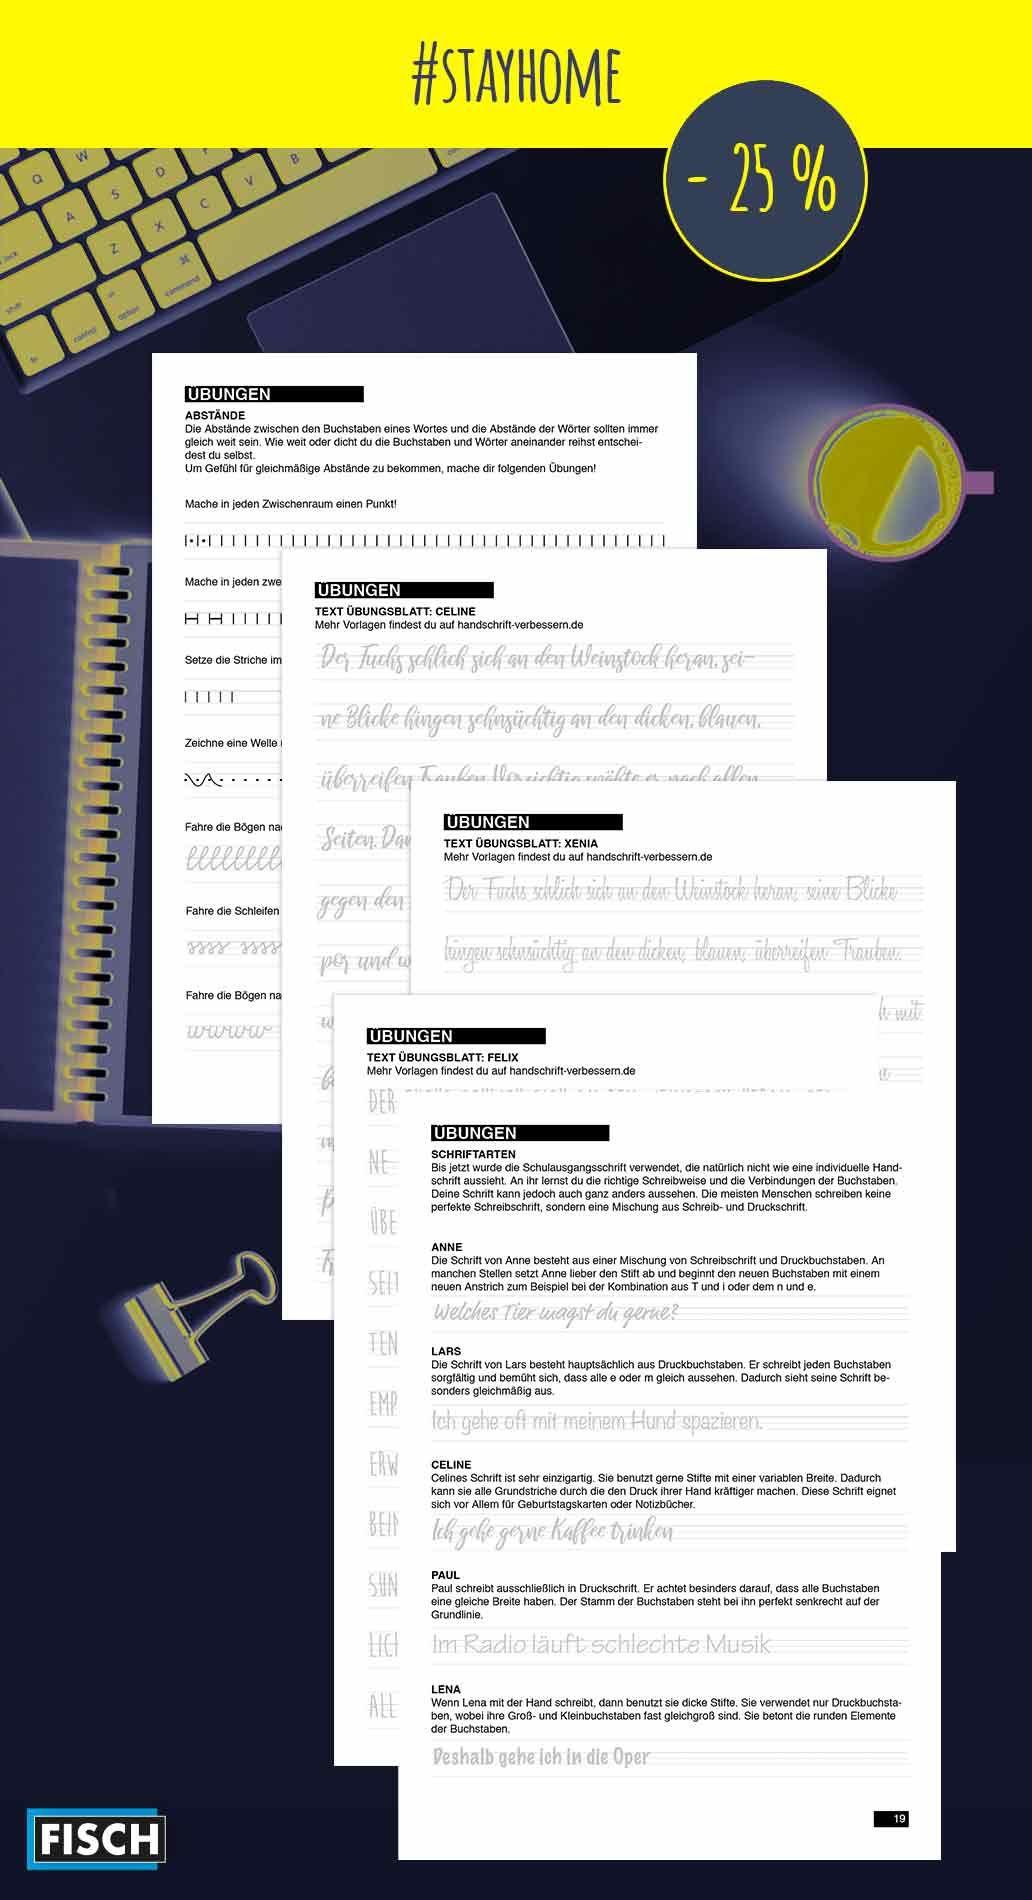 Handschrift Verbessern Pdf In 2020 Handschrift Verbessern Handschrift Schone Handschrift